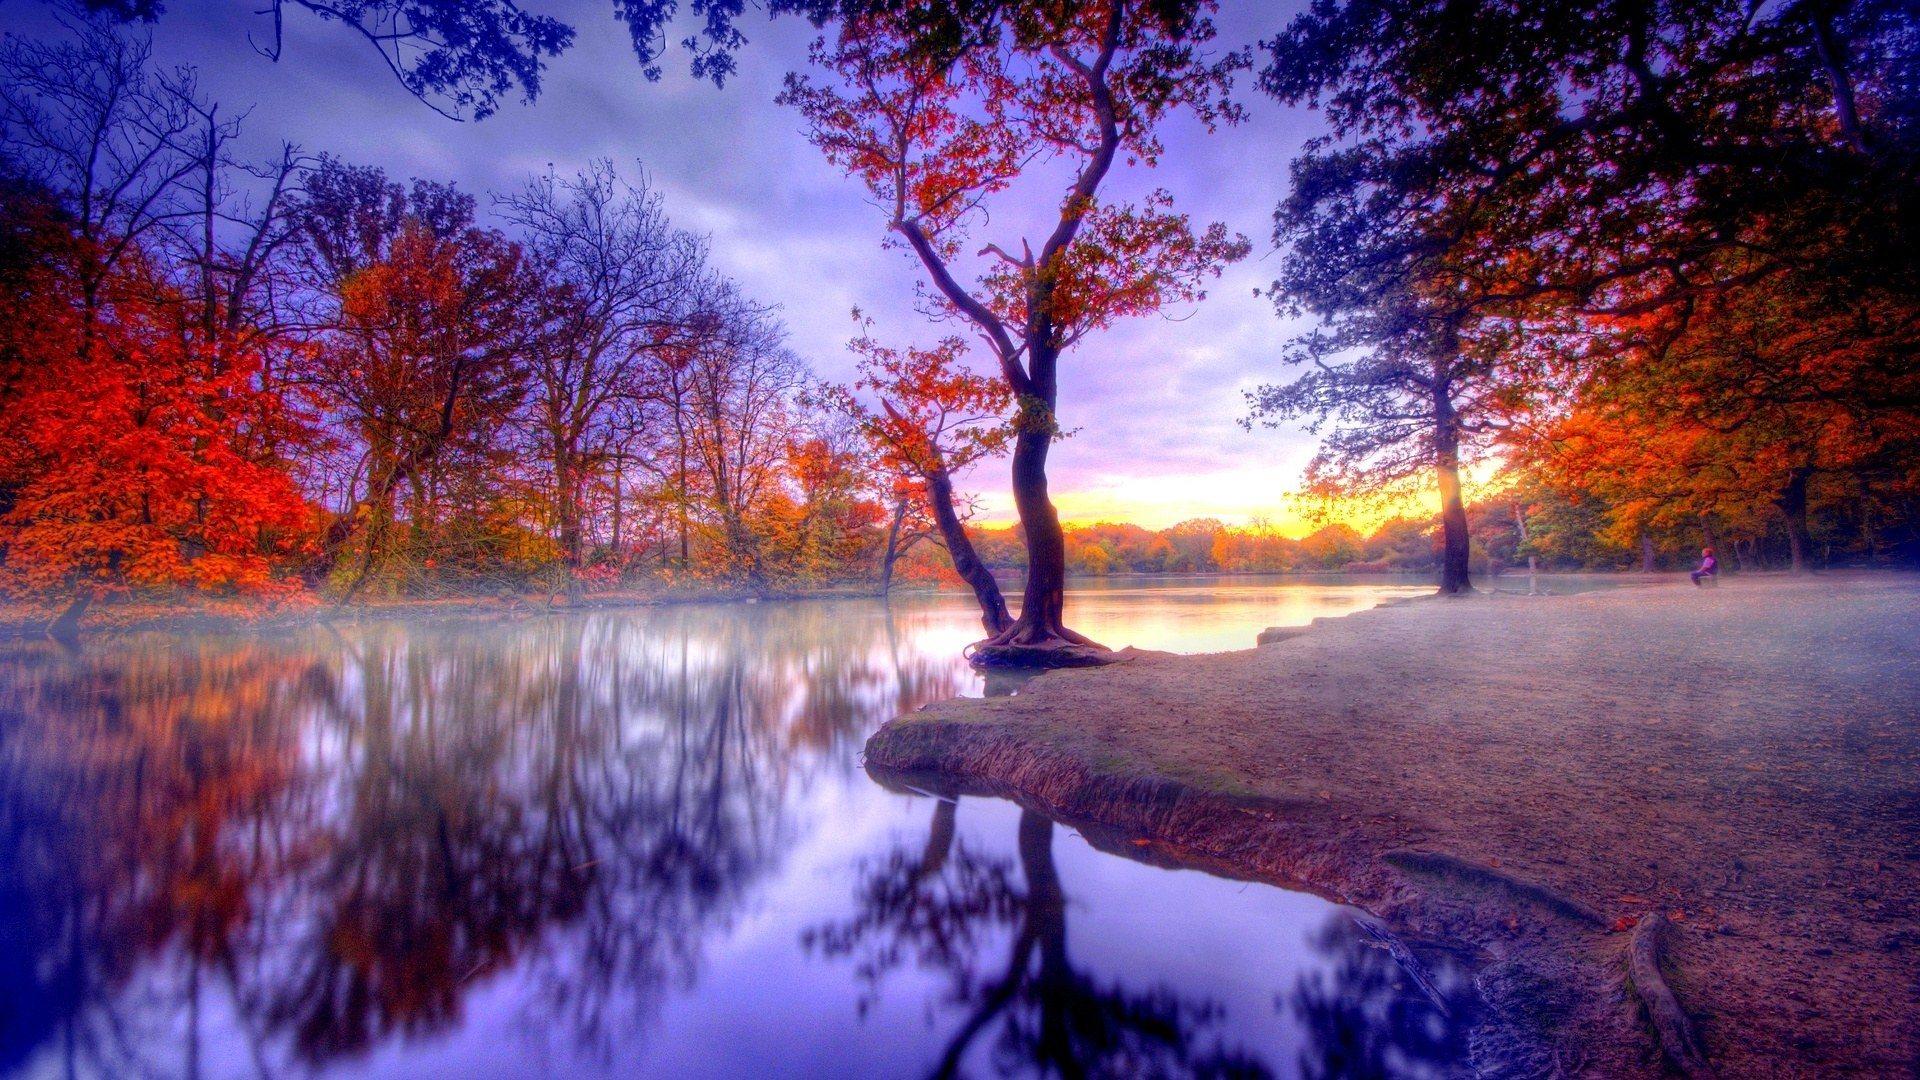 осень озеро природа облака деревья  № 2491564 бесплатно